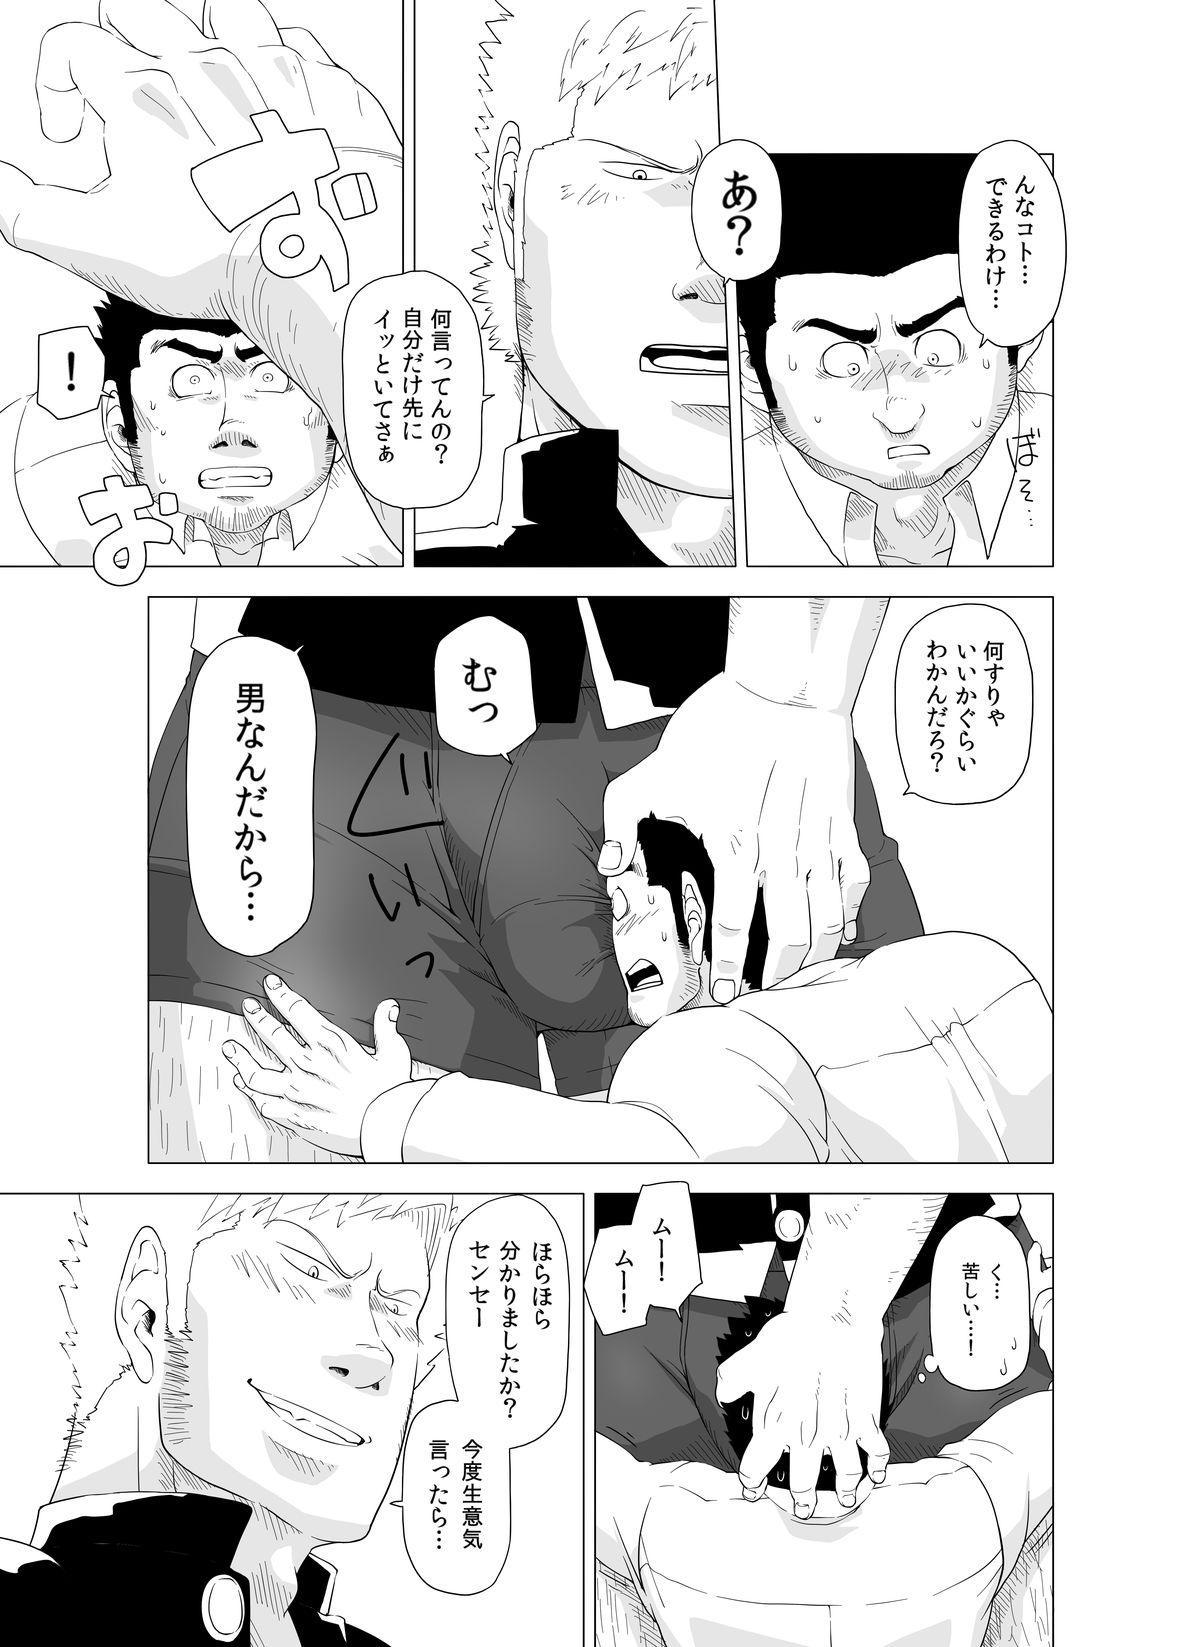 Deka Seito to Chibi Sensei 22